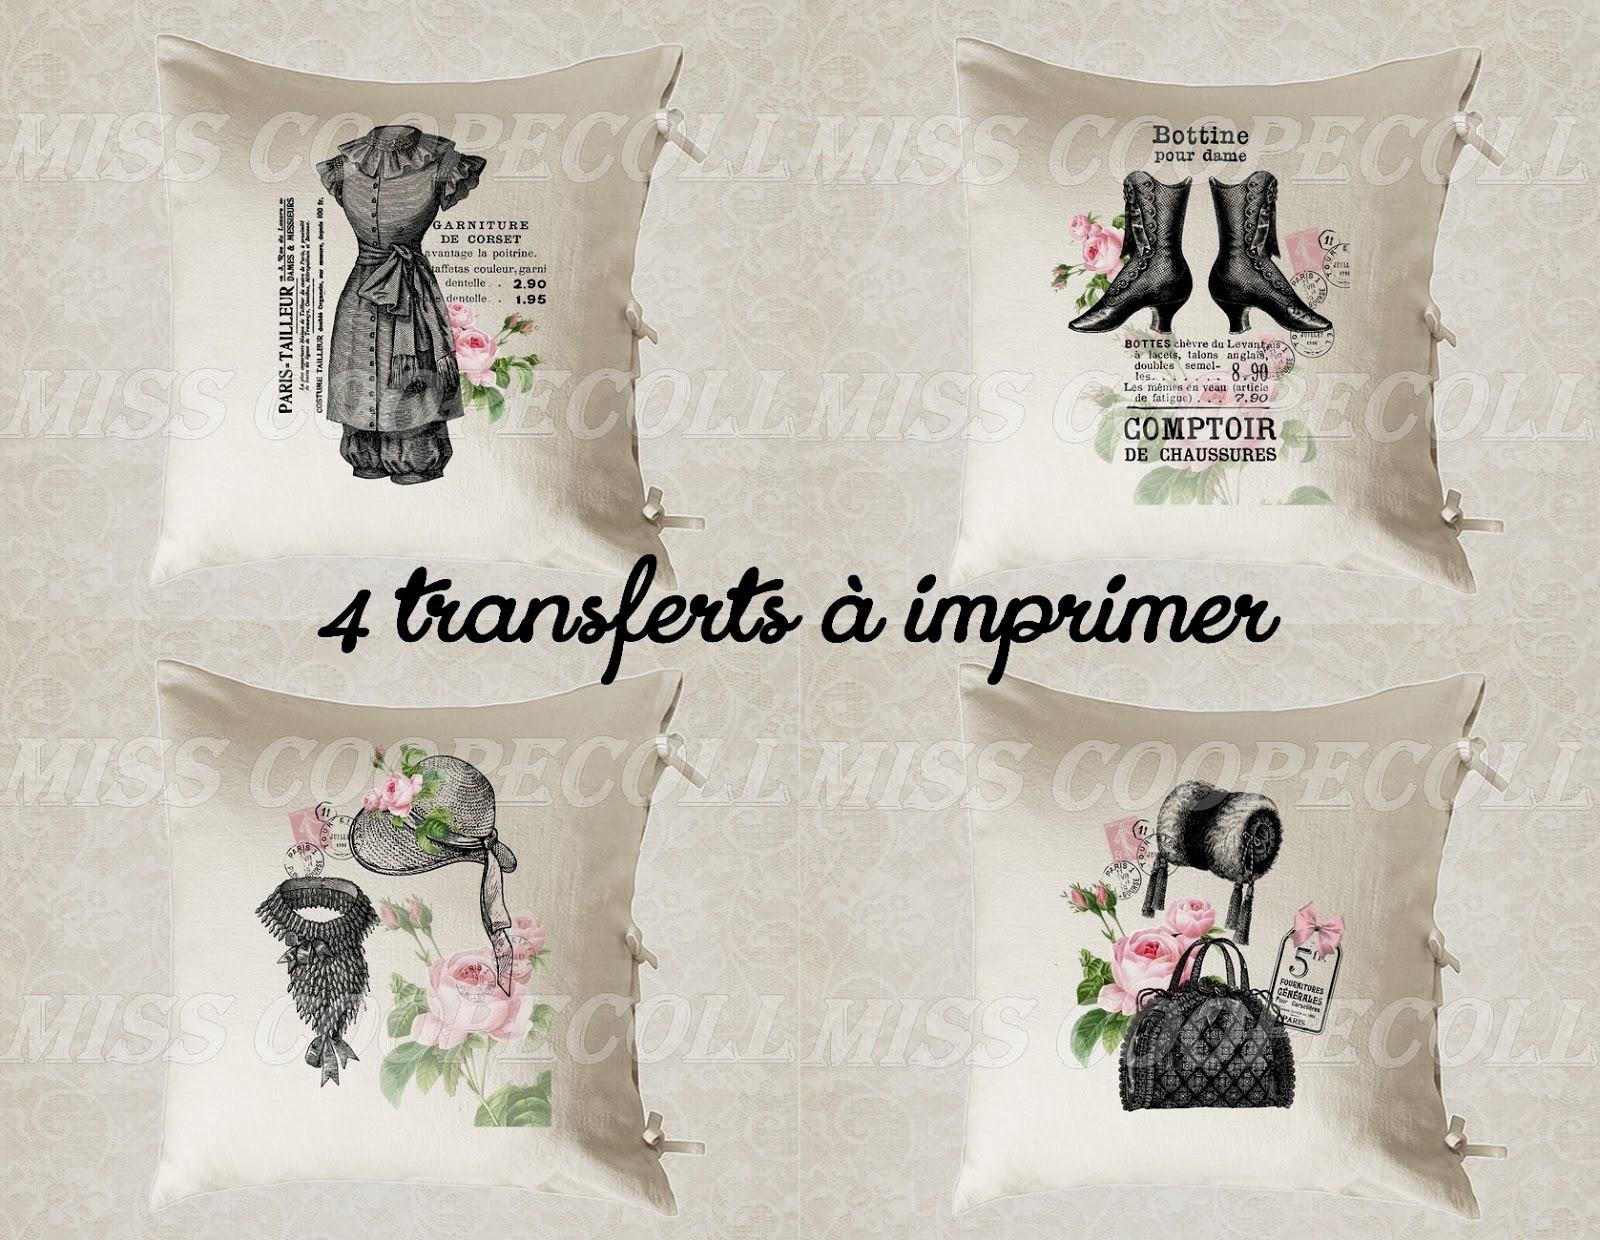 http://www.alittlemarket.com/autres-pieces-pour-creations/nouveau_4_images_digitales_pour_transfert_tissu_paris_chic2_en_1900_envoi_par_mail-6919183.html